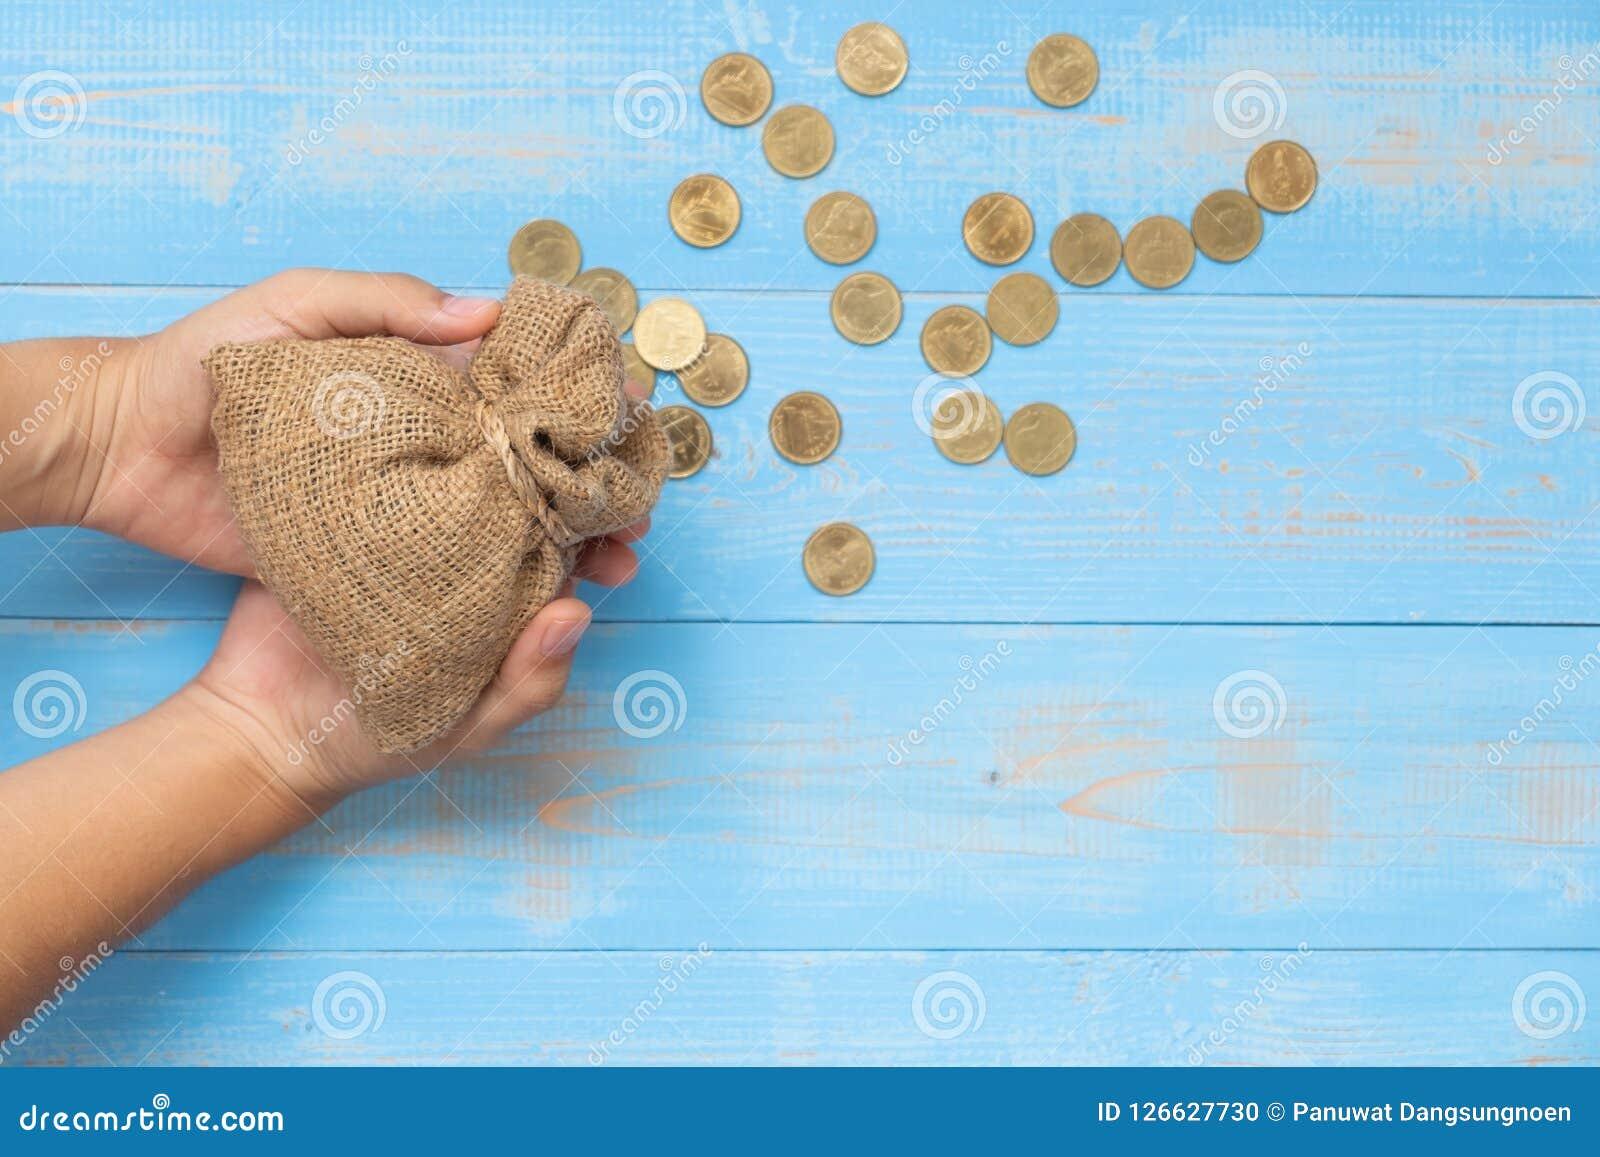 Guardando o dinheiro despeça ou ensaque com as moedas no fundo de madeira azul